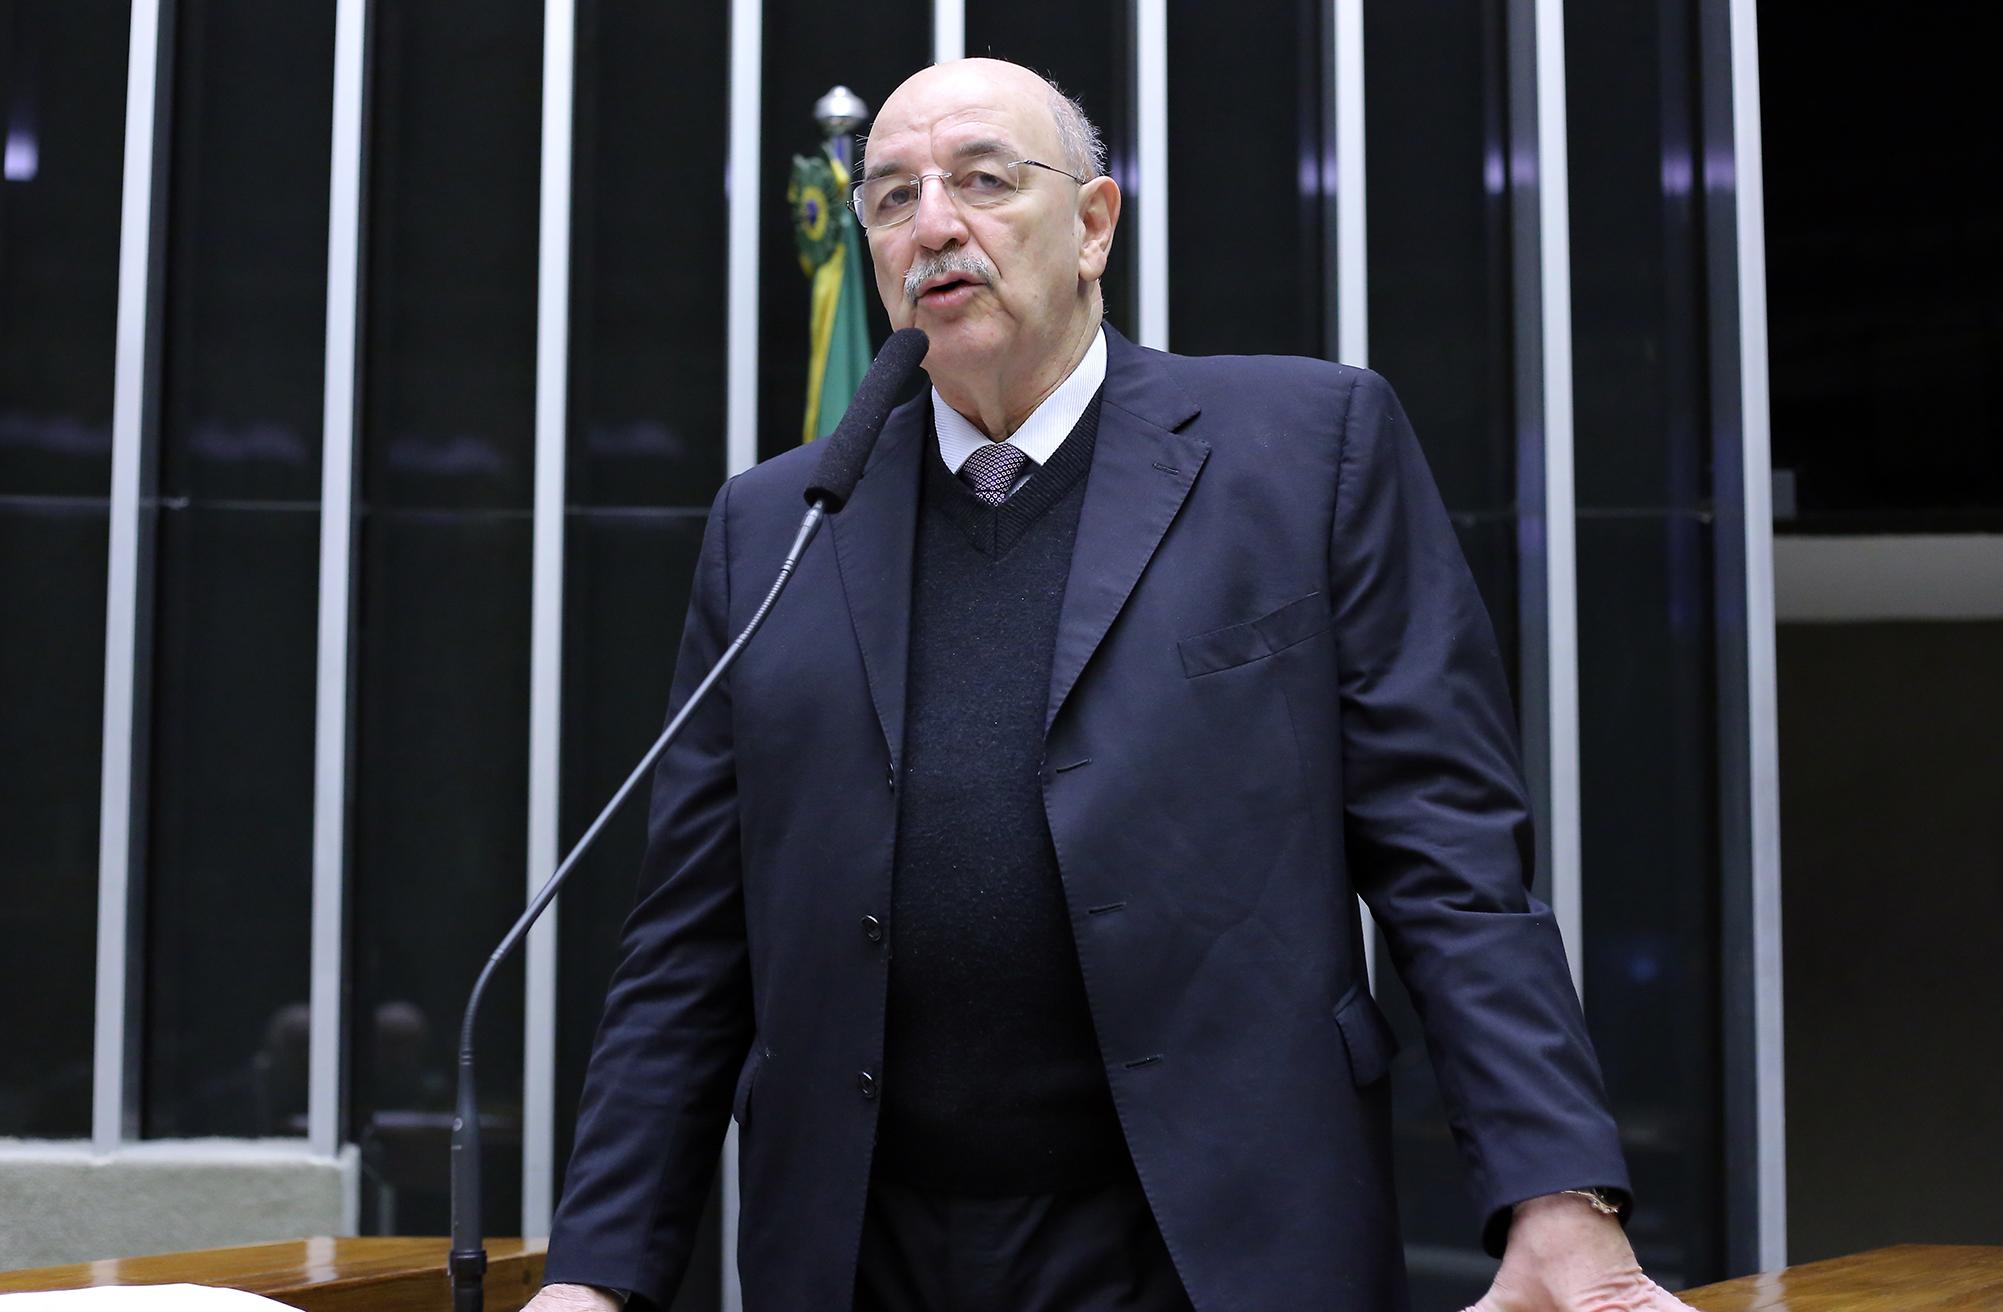 Sessão solene em homenagem aos 150 Anos da Sociedade de Ginástica de Porto Alegre. Osmar Terra, Ministro do Desenvolvimento Sócial